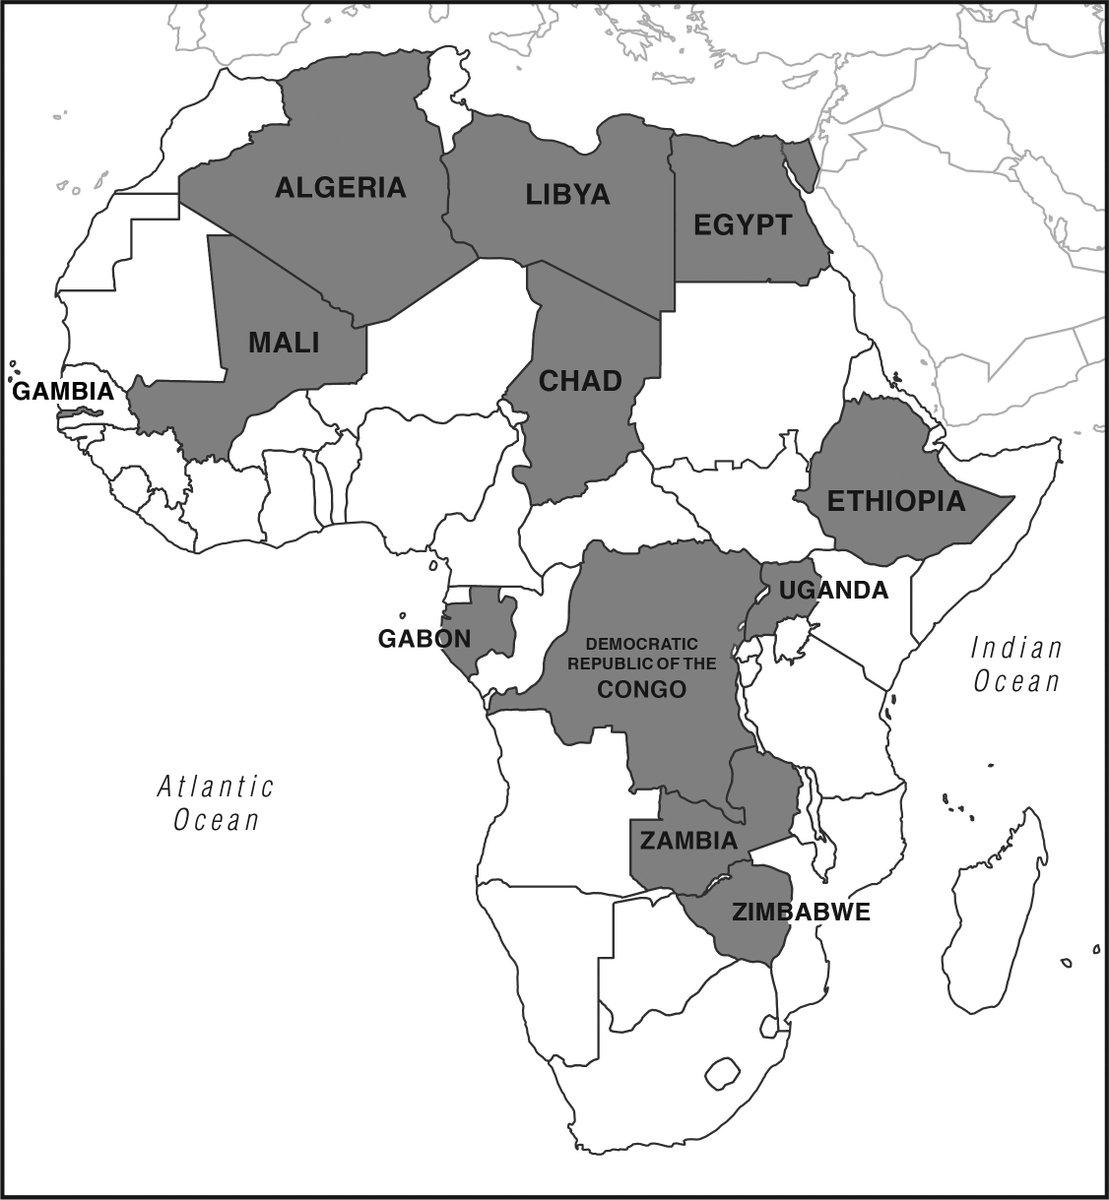 Africa_IAI on Twitter: